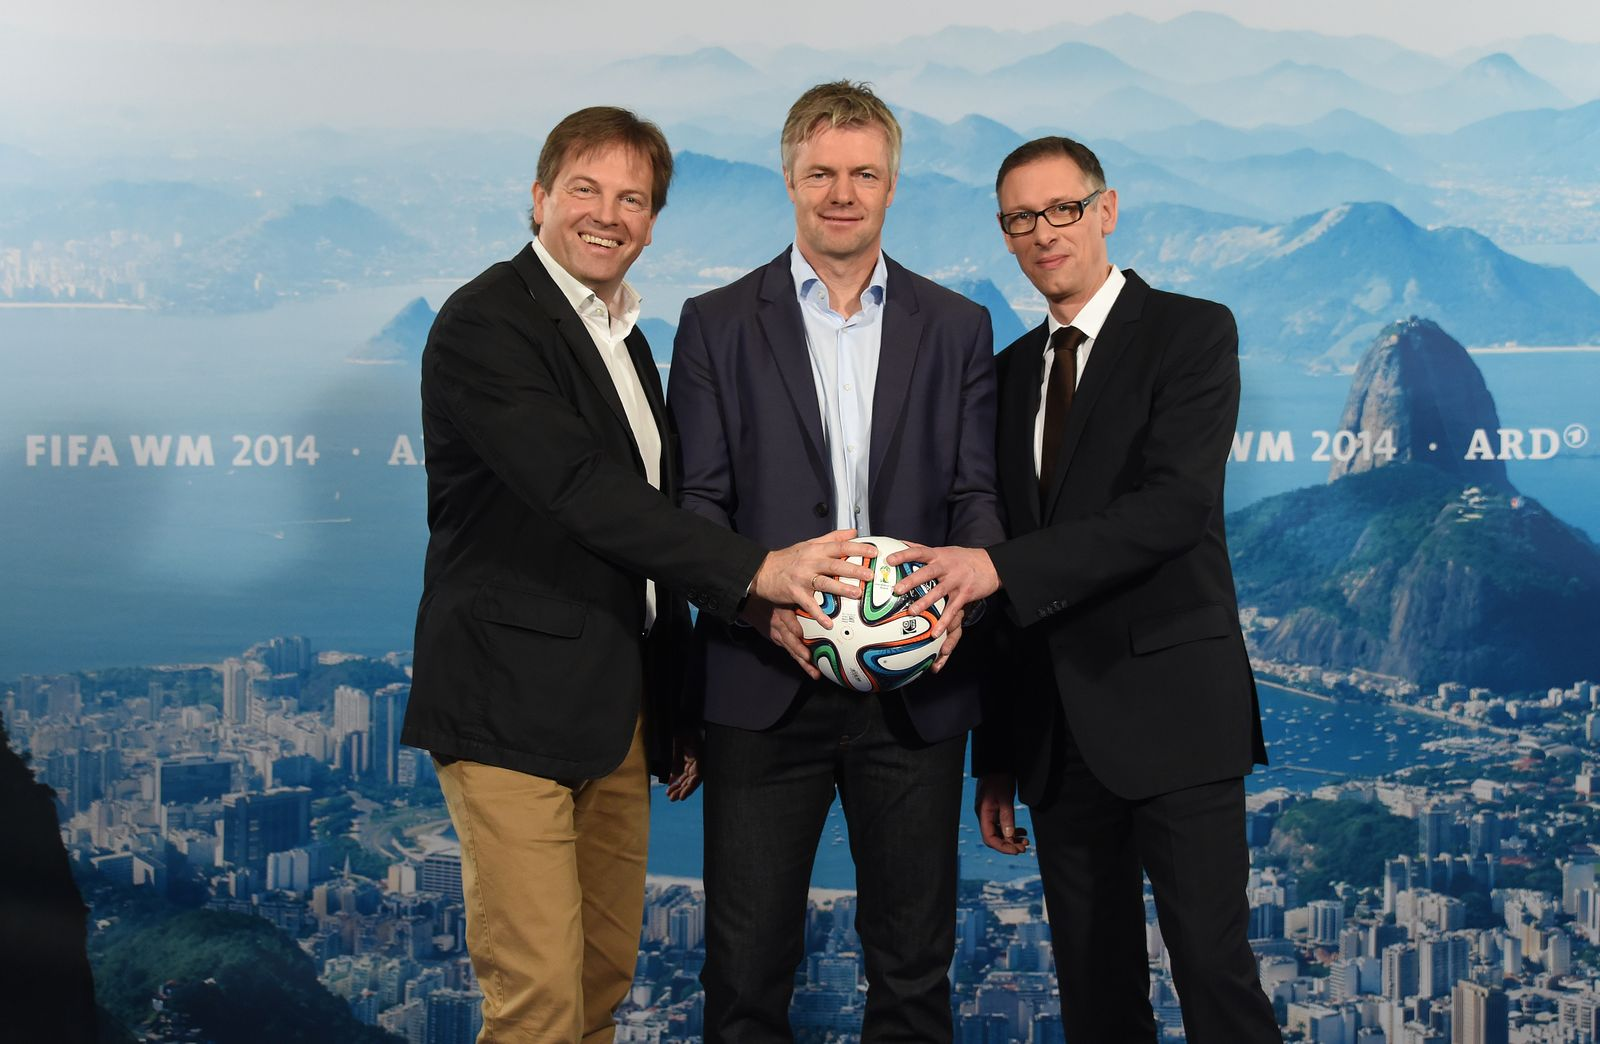 ARD-Kommentatoren WM 2014